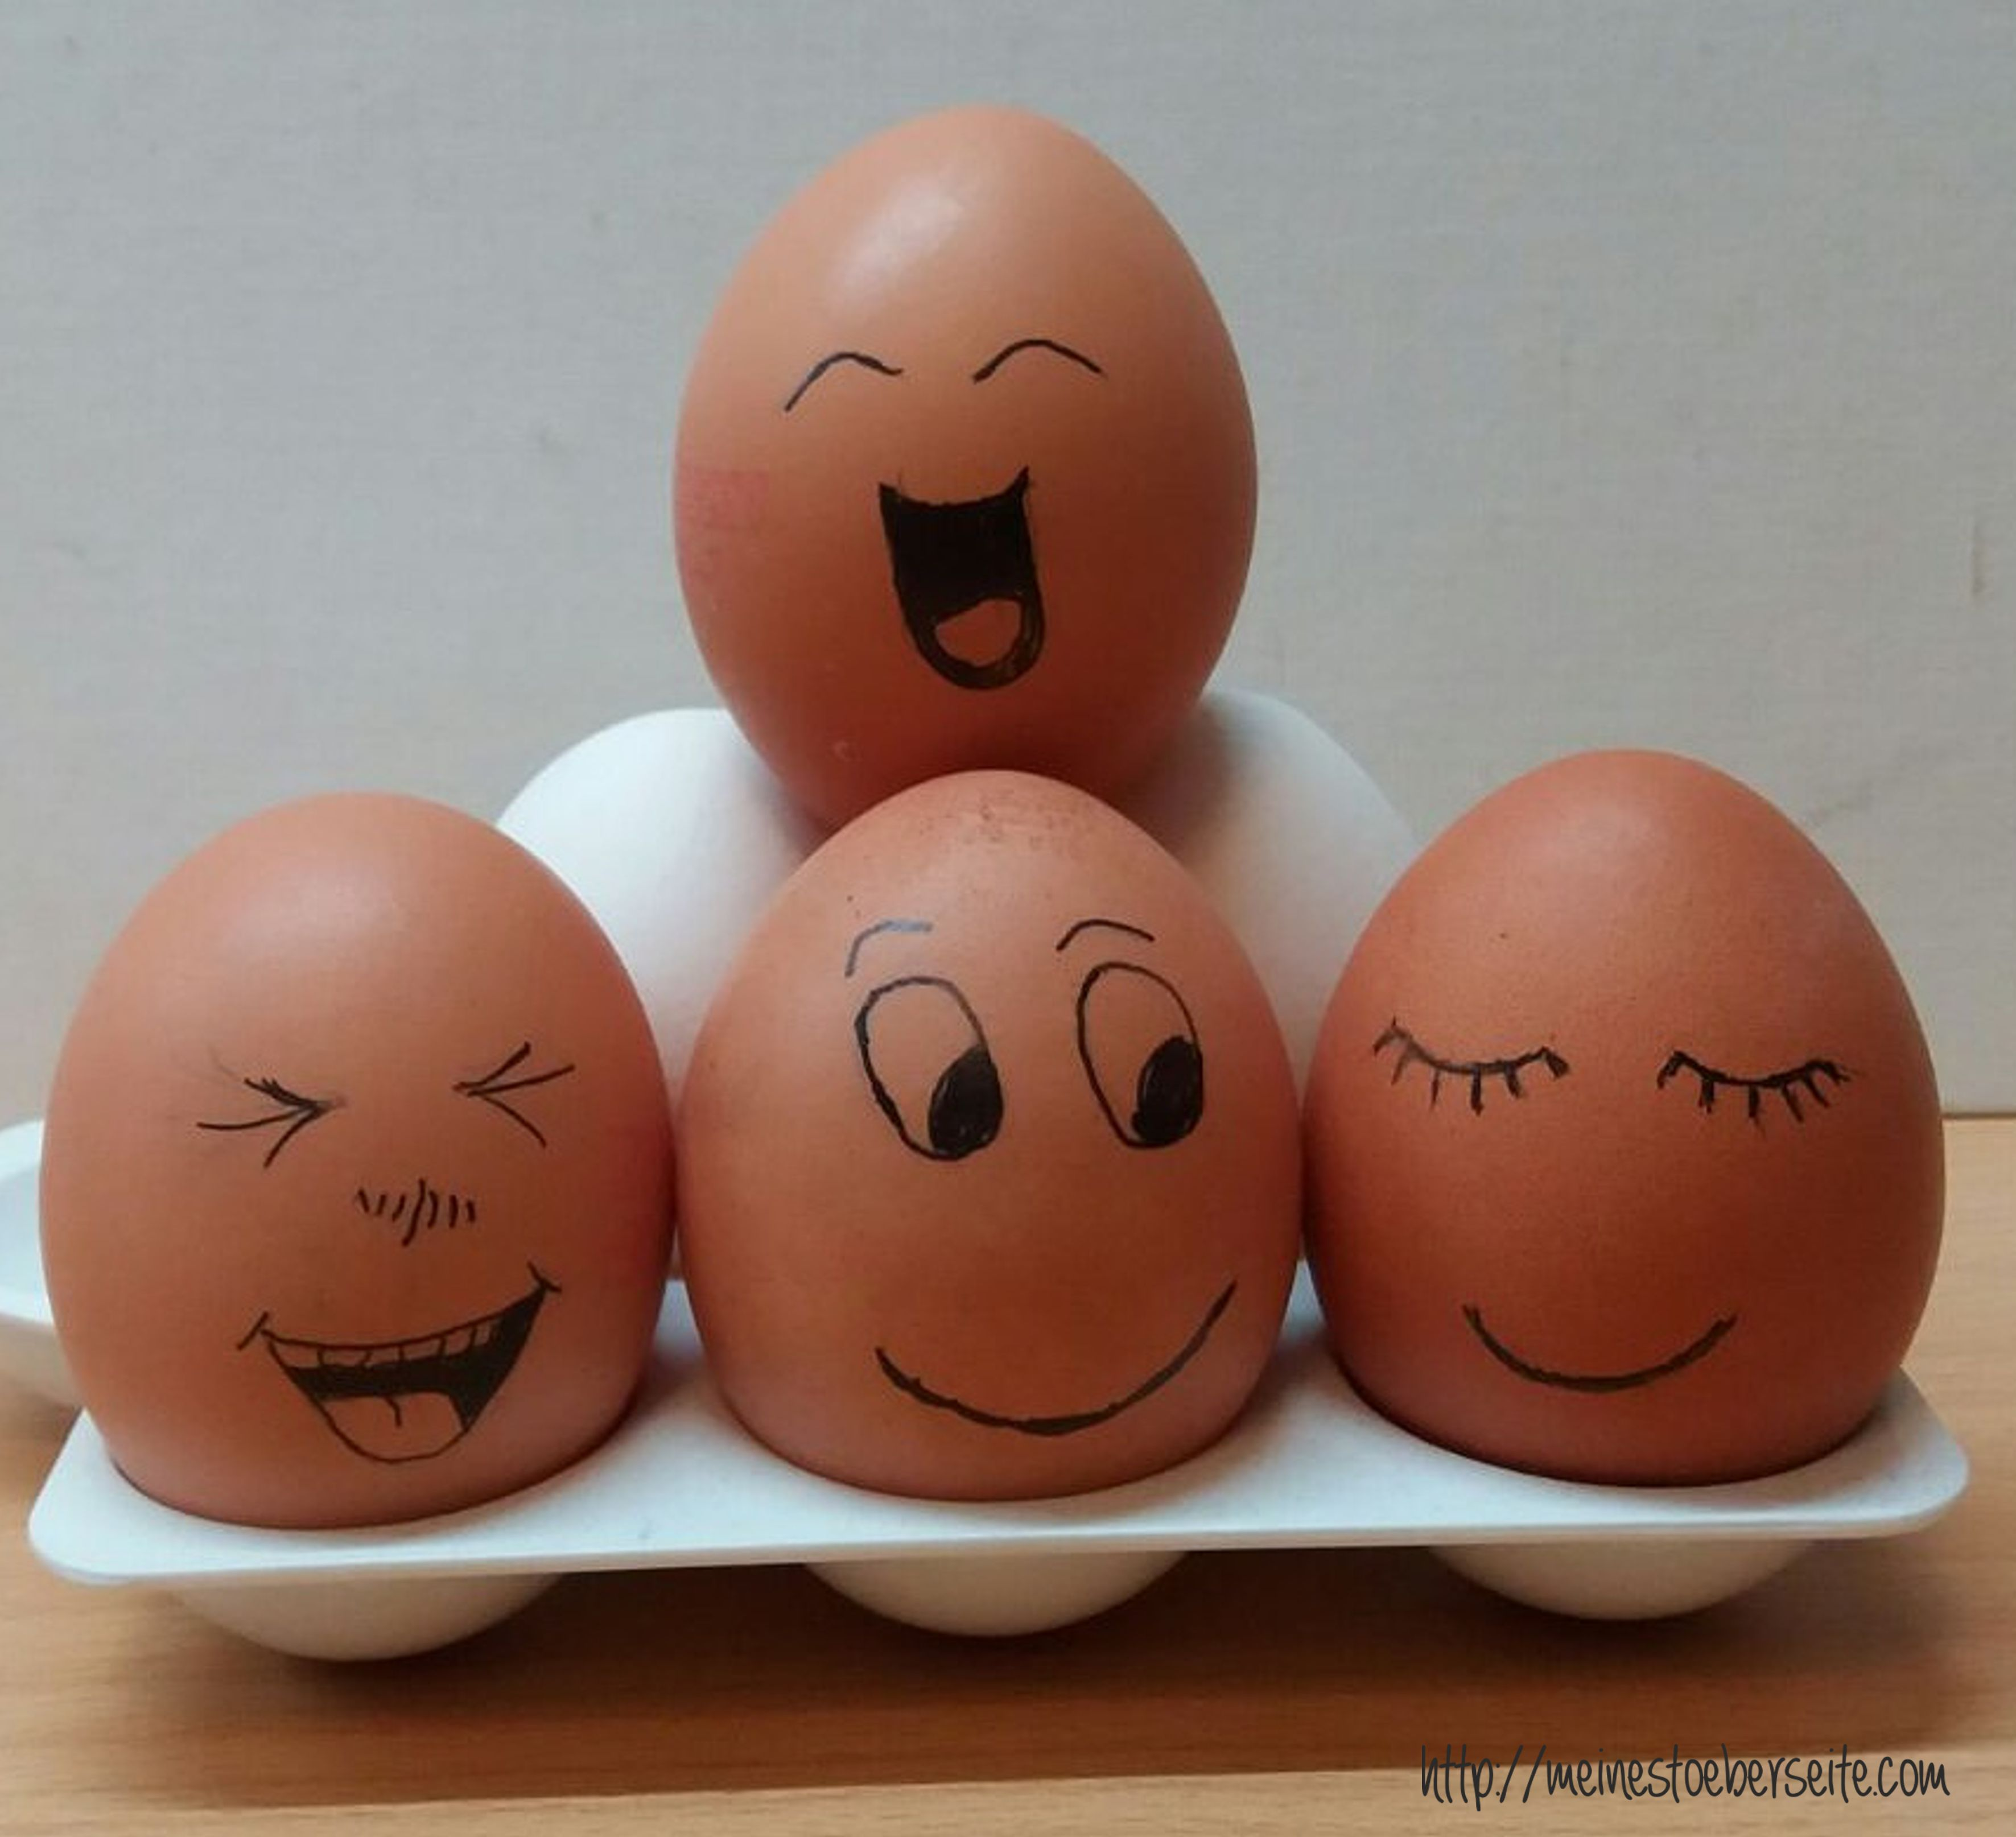 721 Eier mit Gesicht – meinestoeberseite